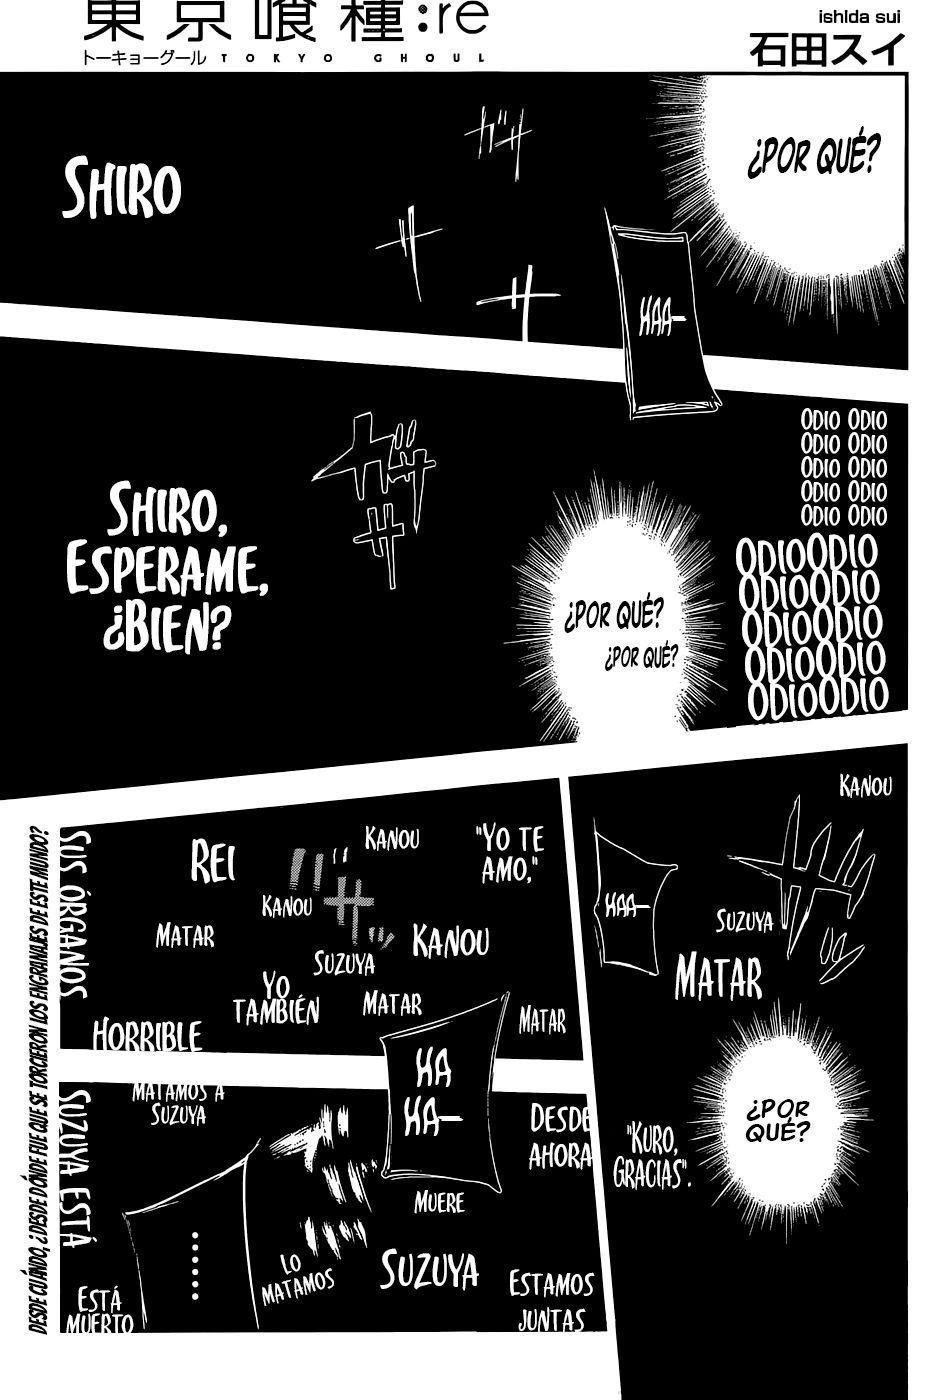 https://c5.ninemanga.com/es_manga/59/59/486951/f8a74c1ea8b73146a5c2f5b597e313d6.jpg Page 2